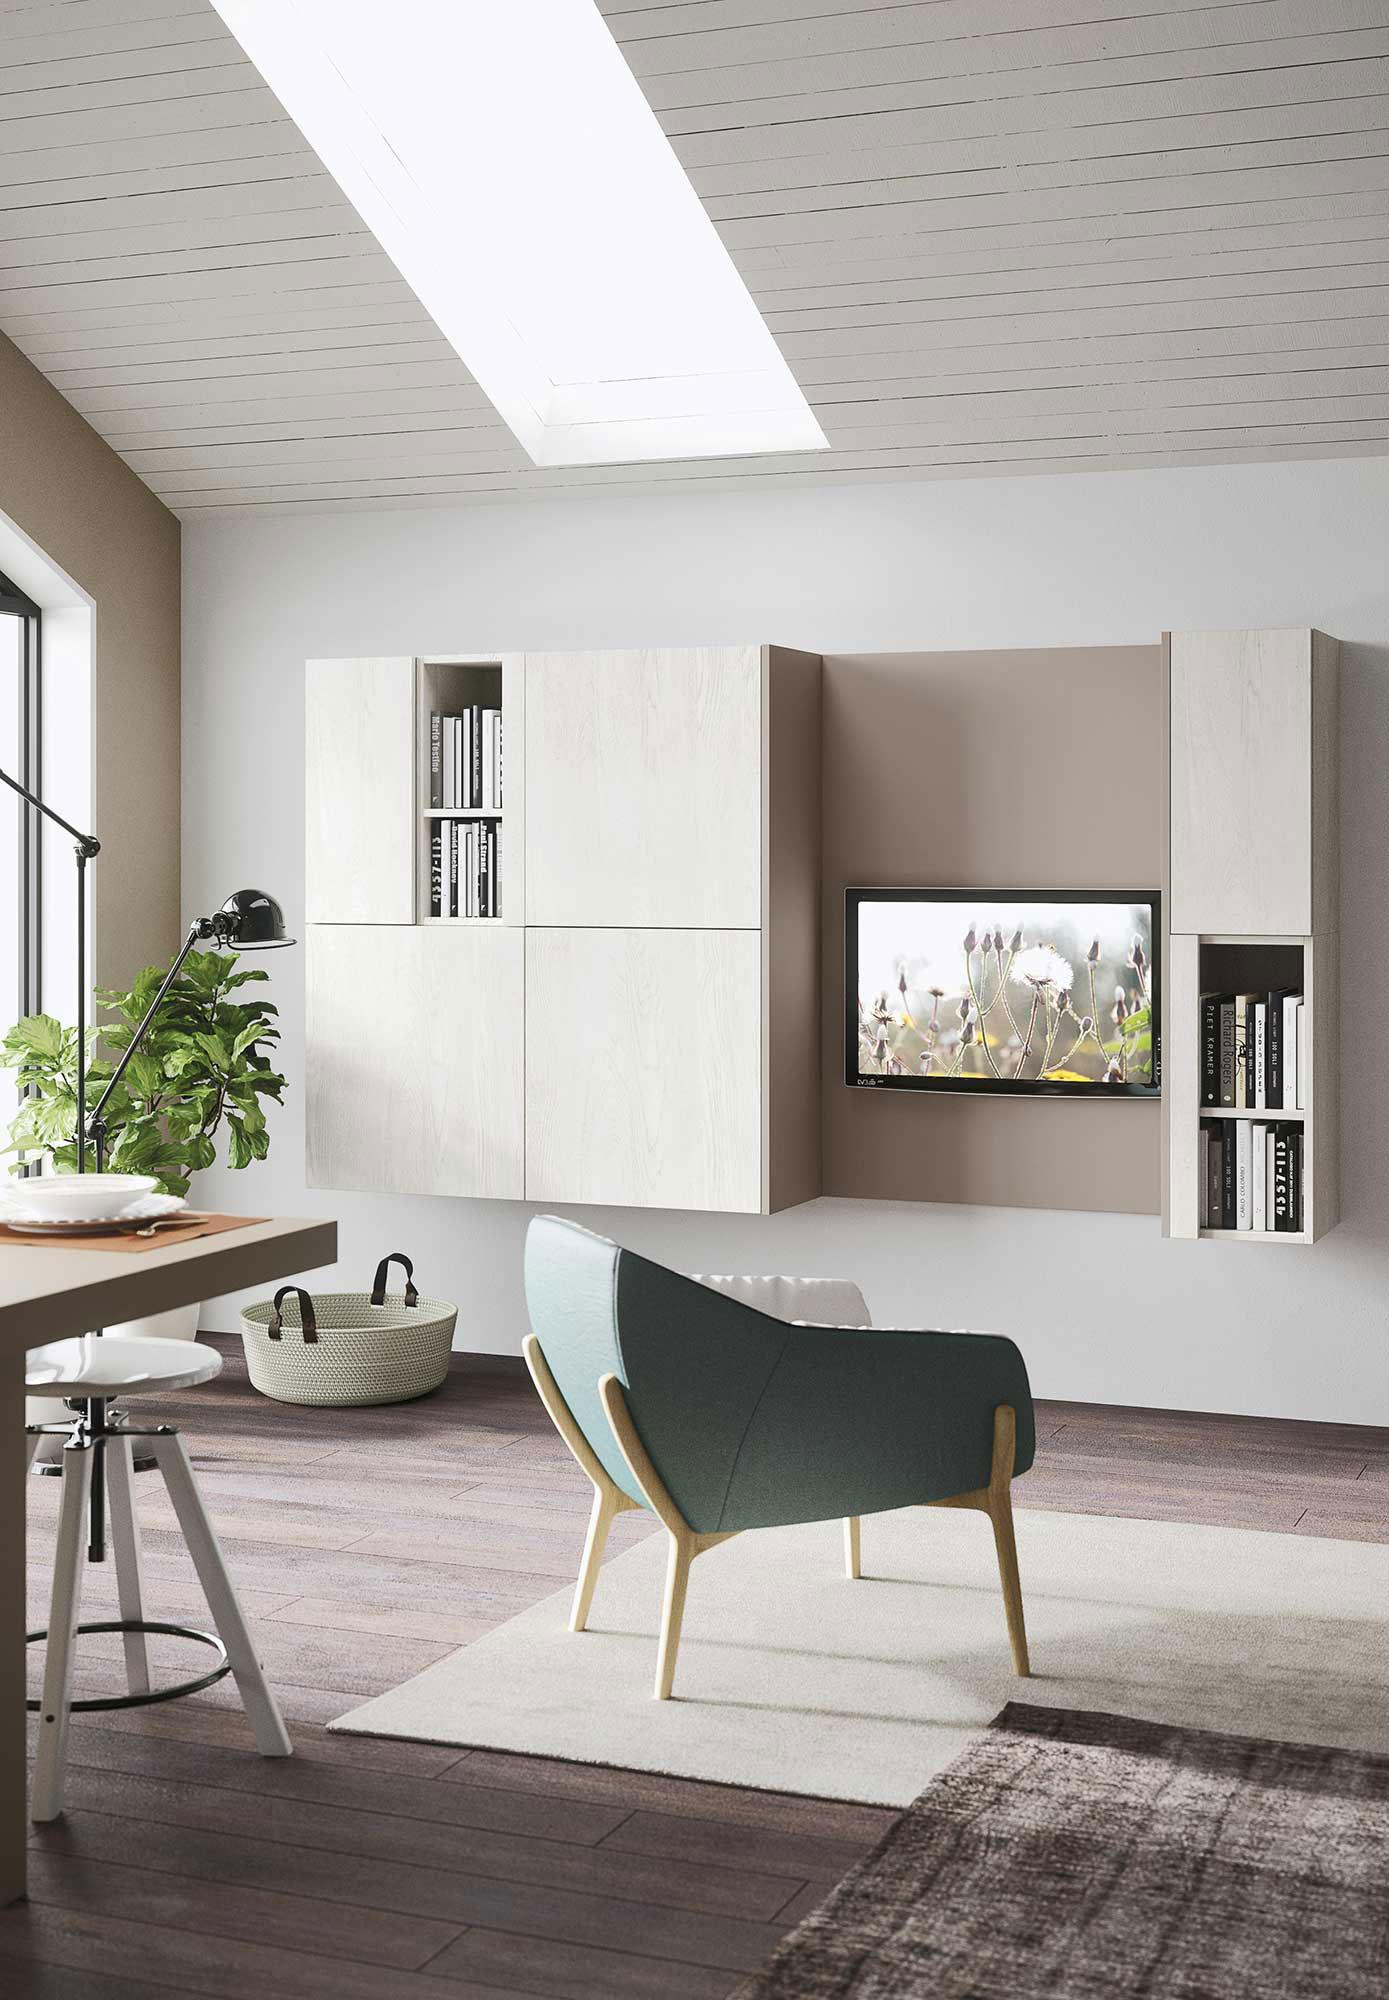 cucine-design-economiche-first-snaidero-dettaglio-3